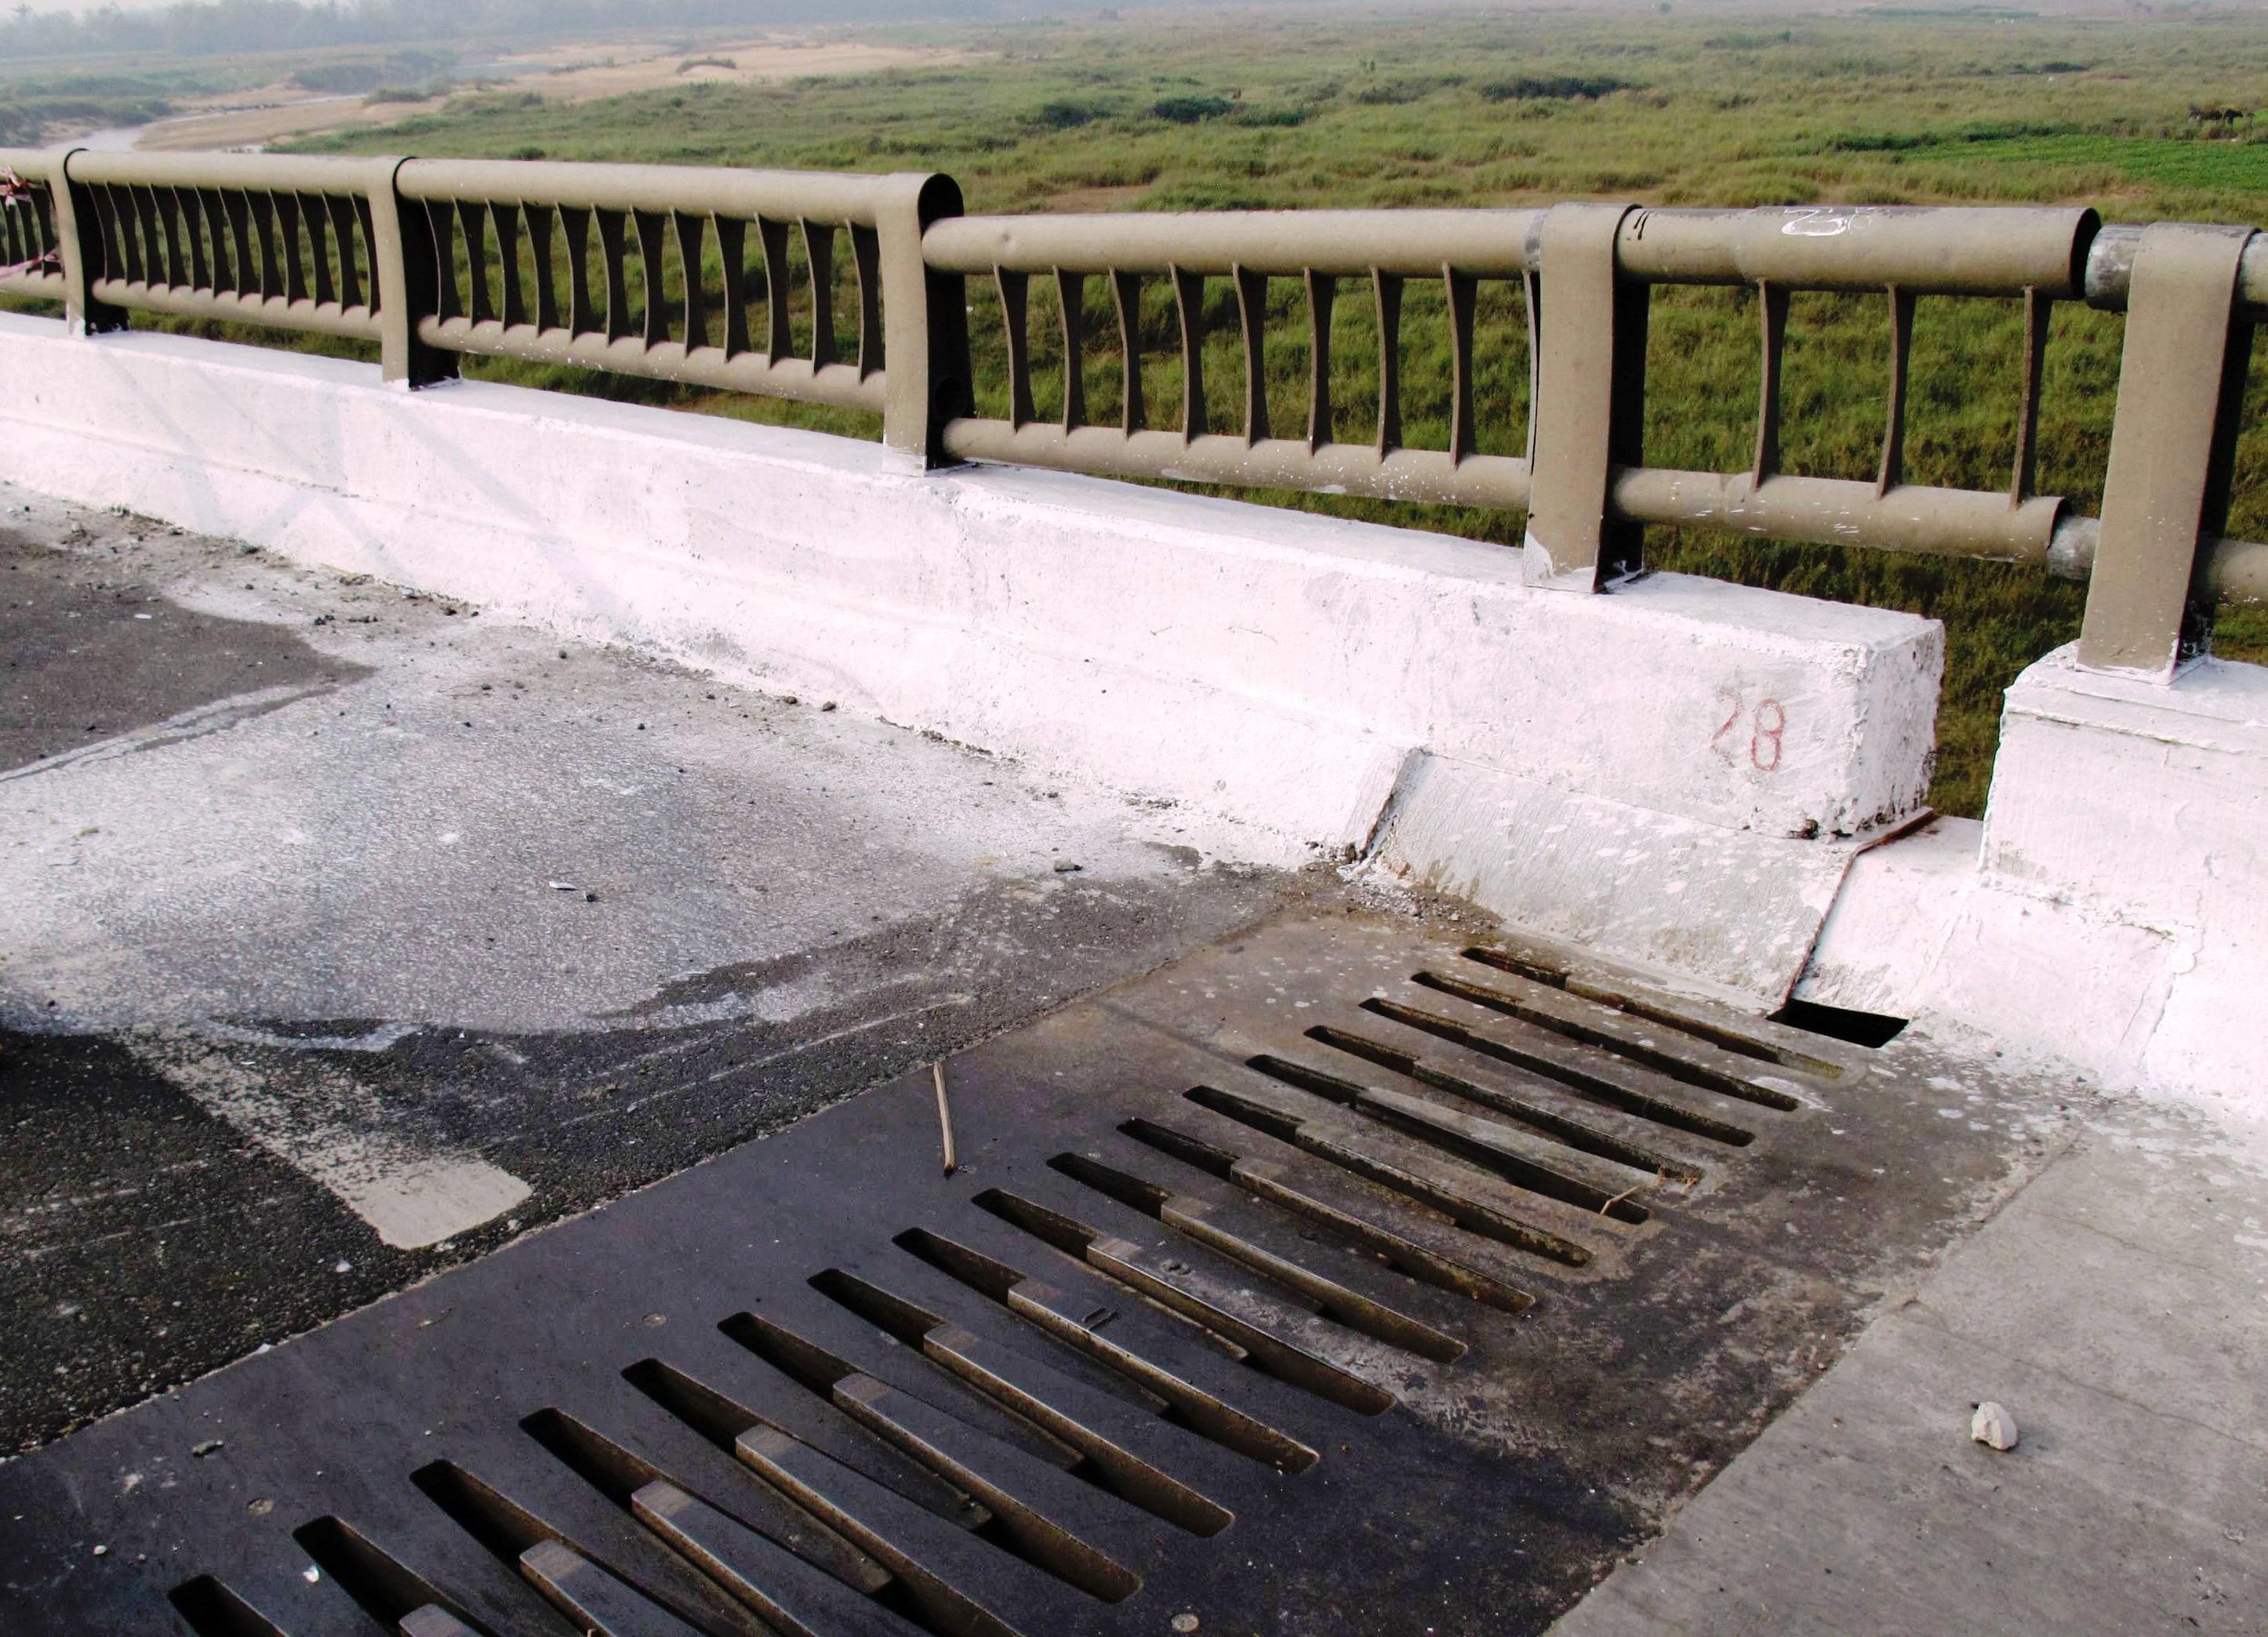 Mặt cầu bị xê dịch, sụt lún làm cho lan can cầu bung ra